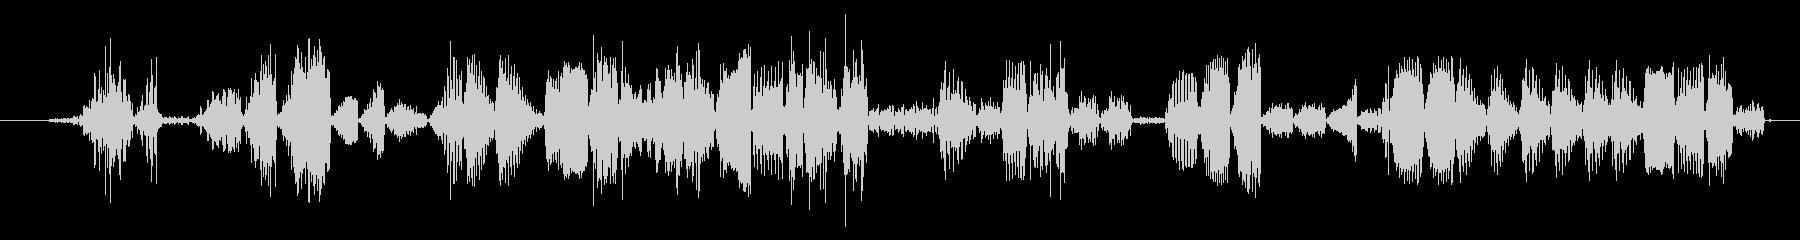 イメージ グリッチトークFX 06の未再生の波形